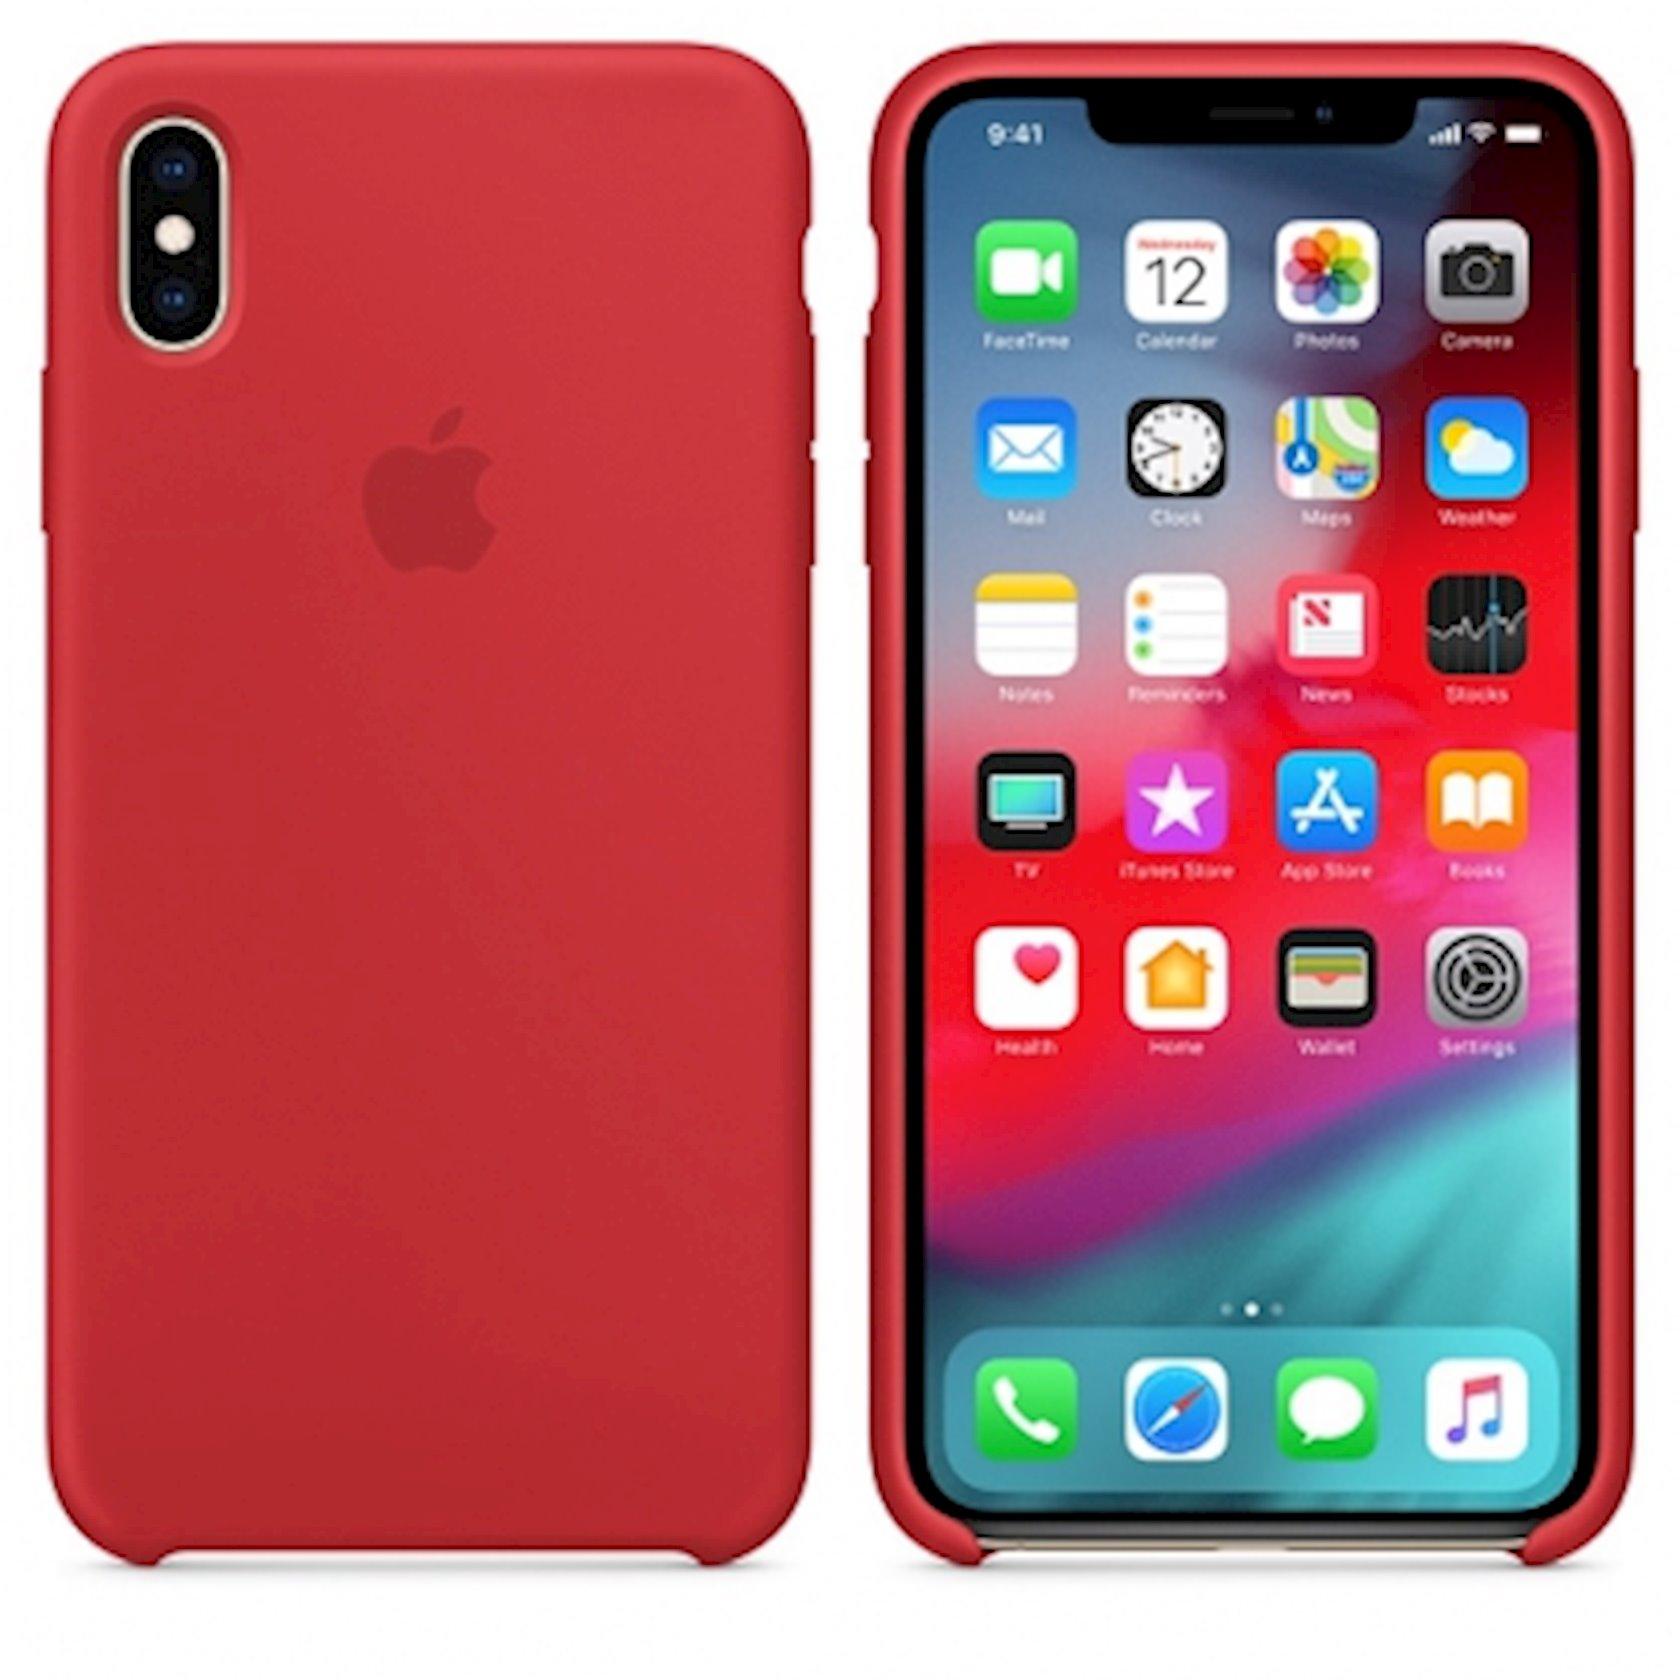 Çexol Silicone Case Apple iPhone XS Max üçün  Red